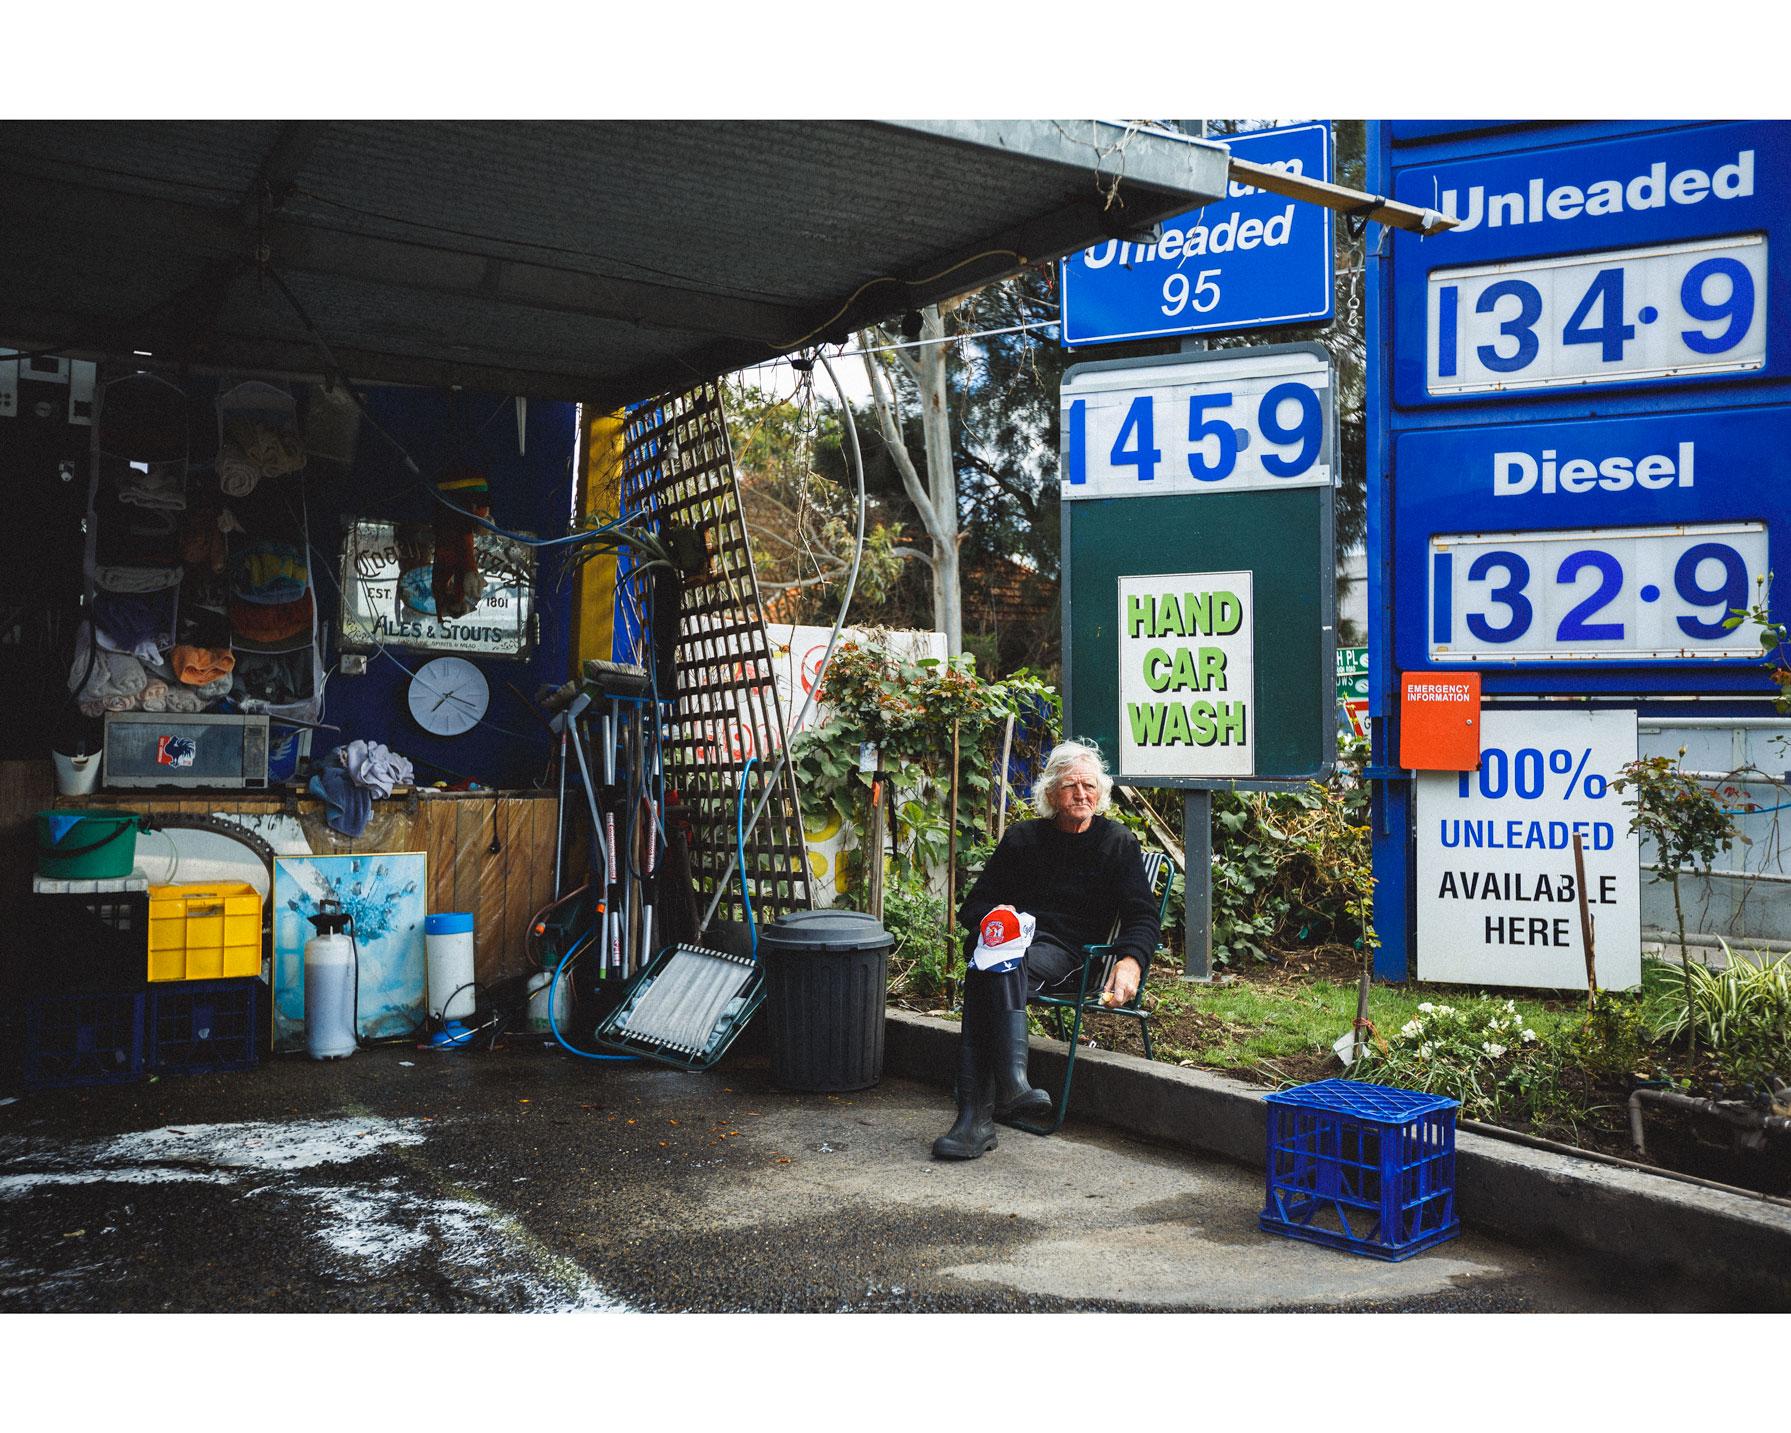 car-wash-Australia4.jpg